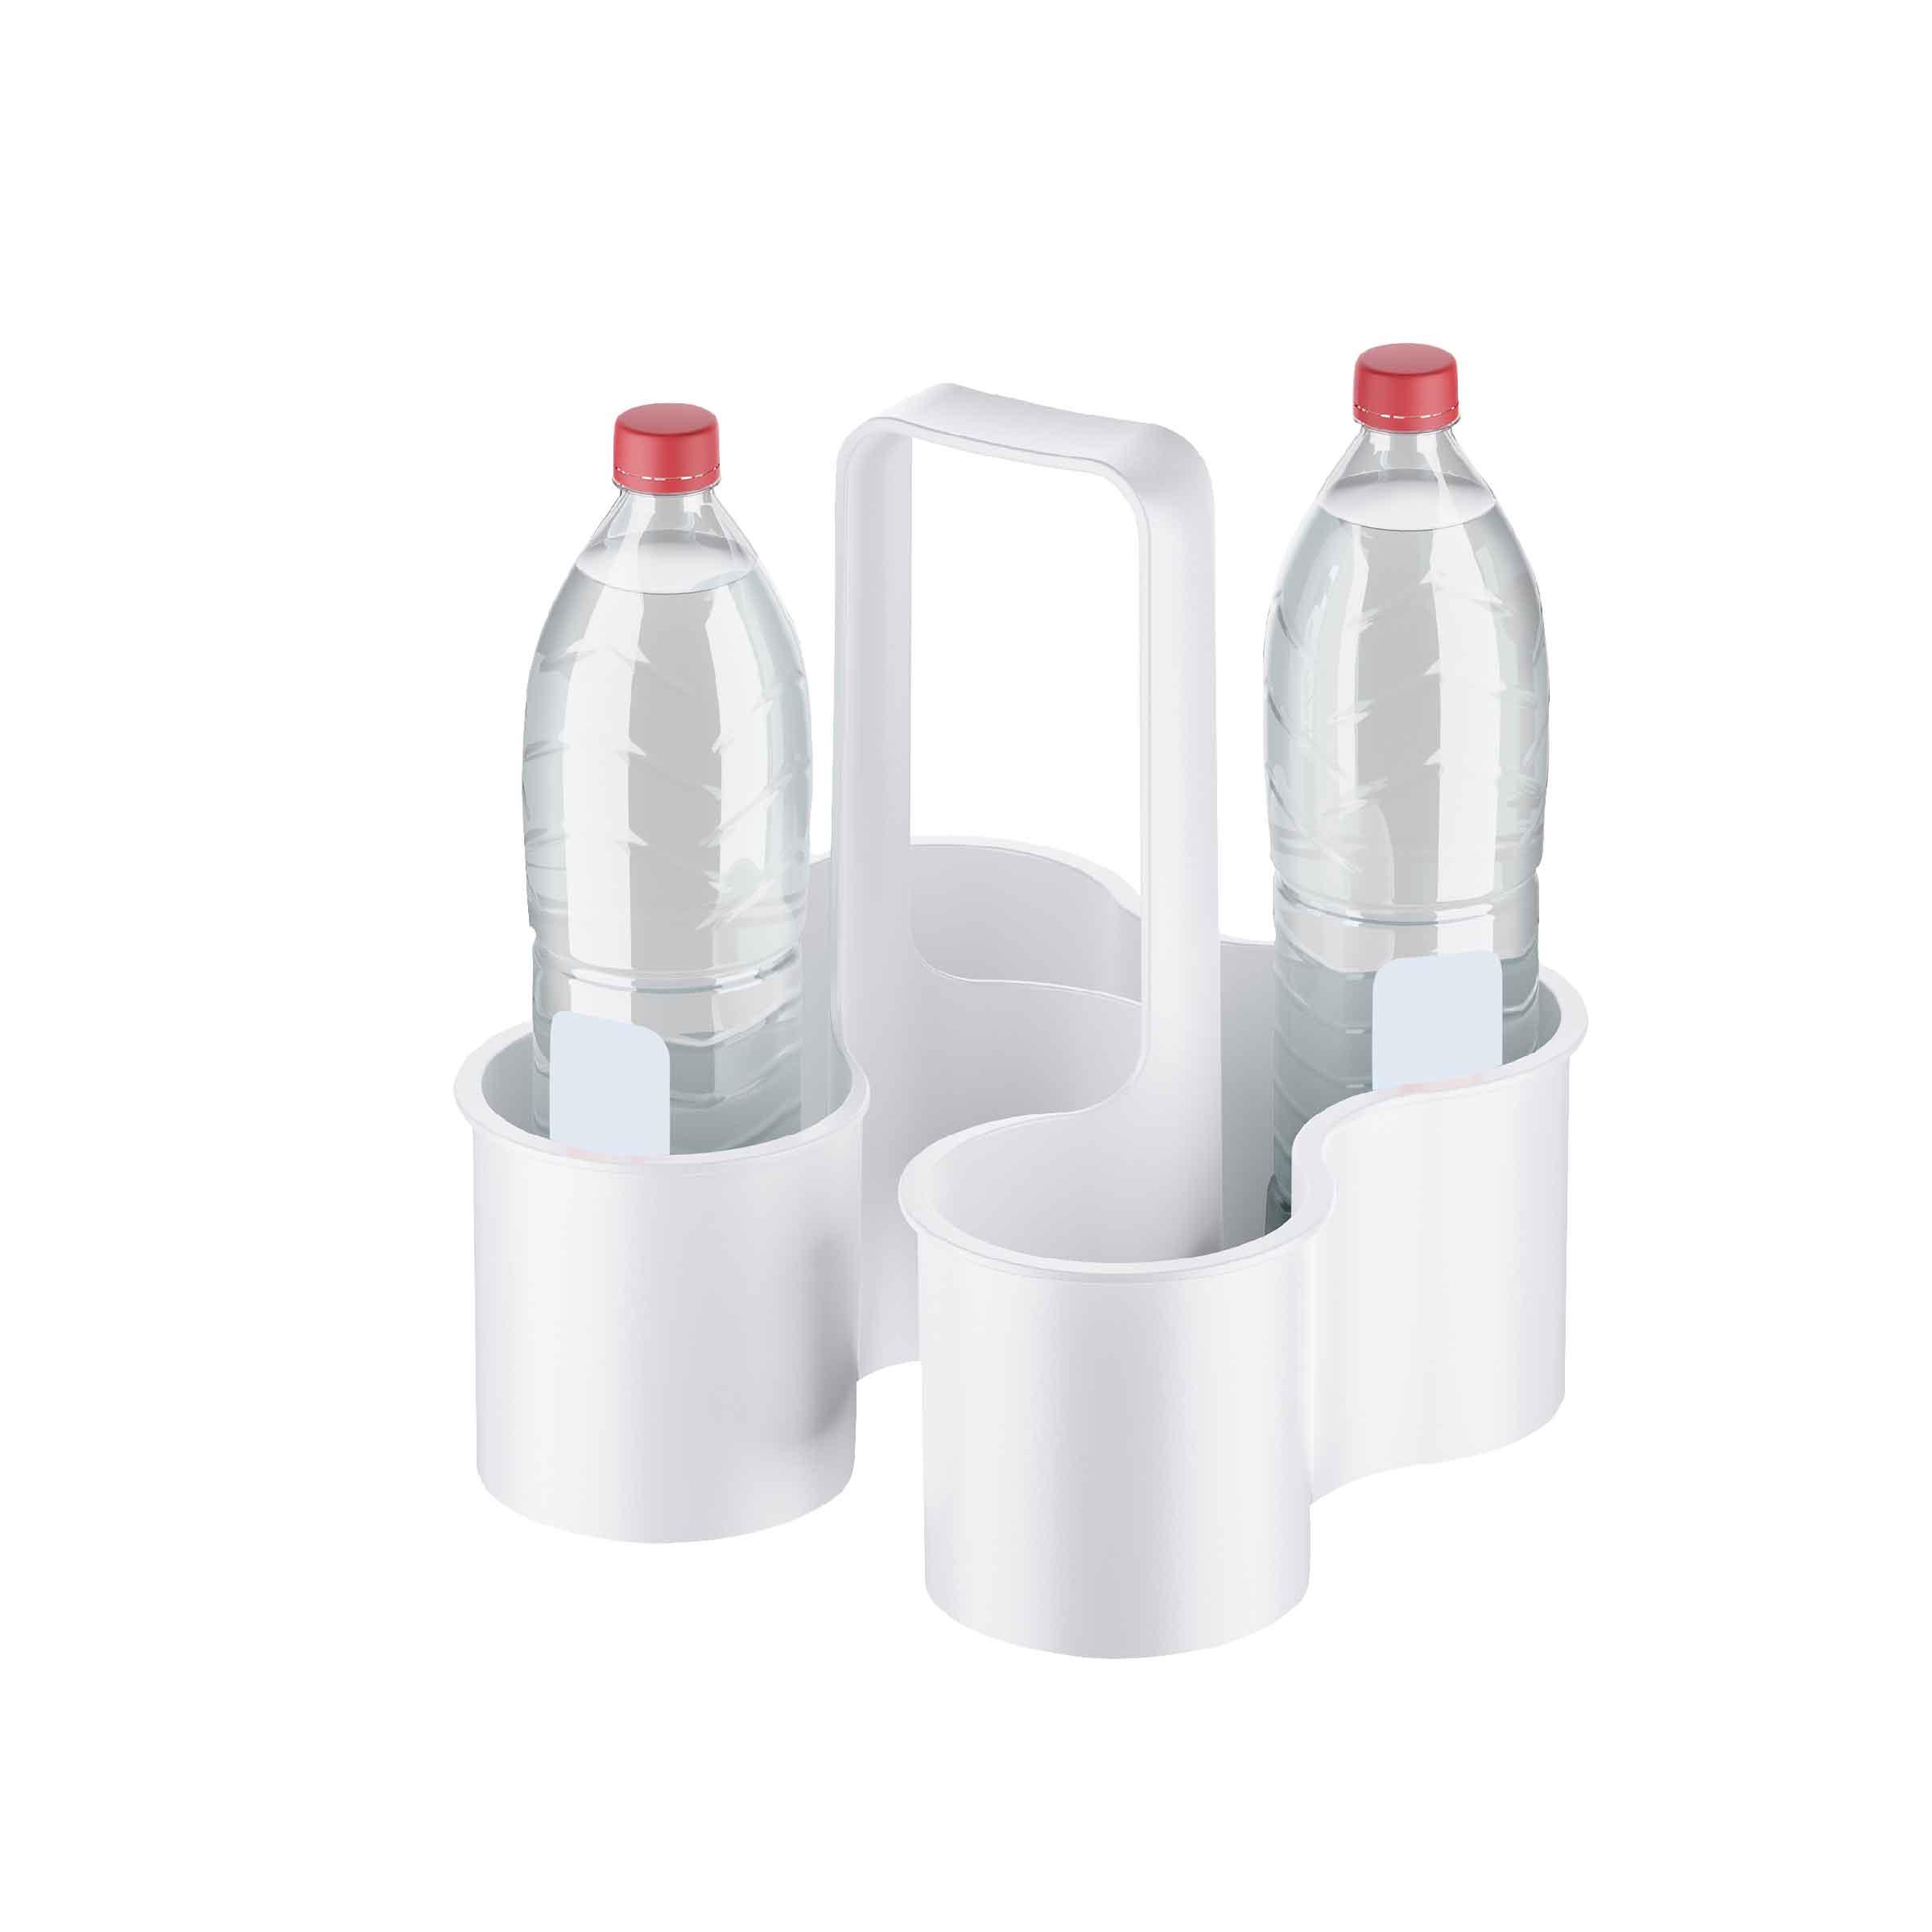 Panier à bouteilles en plastique blanc à 4 compartiments